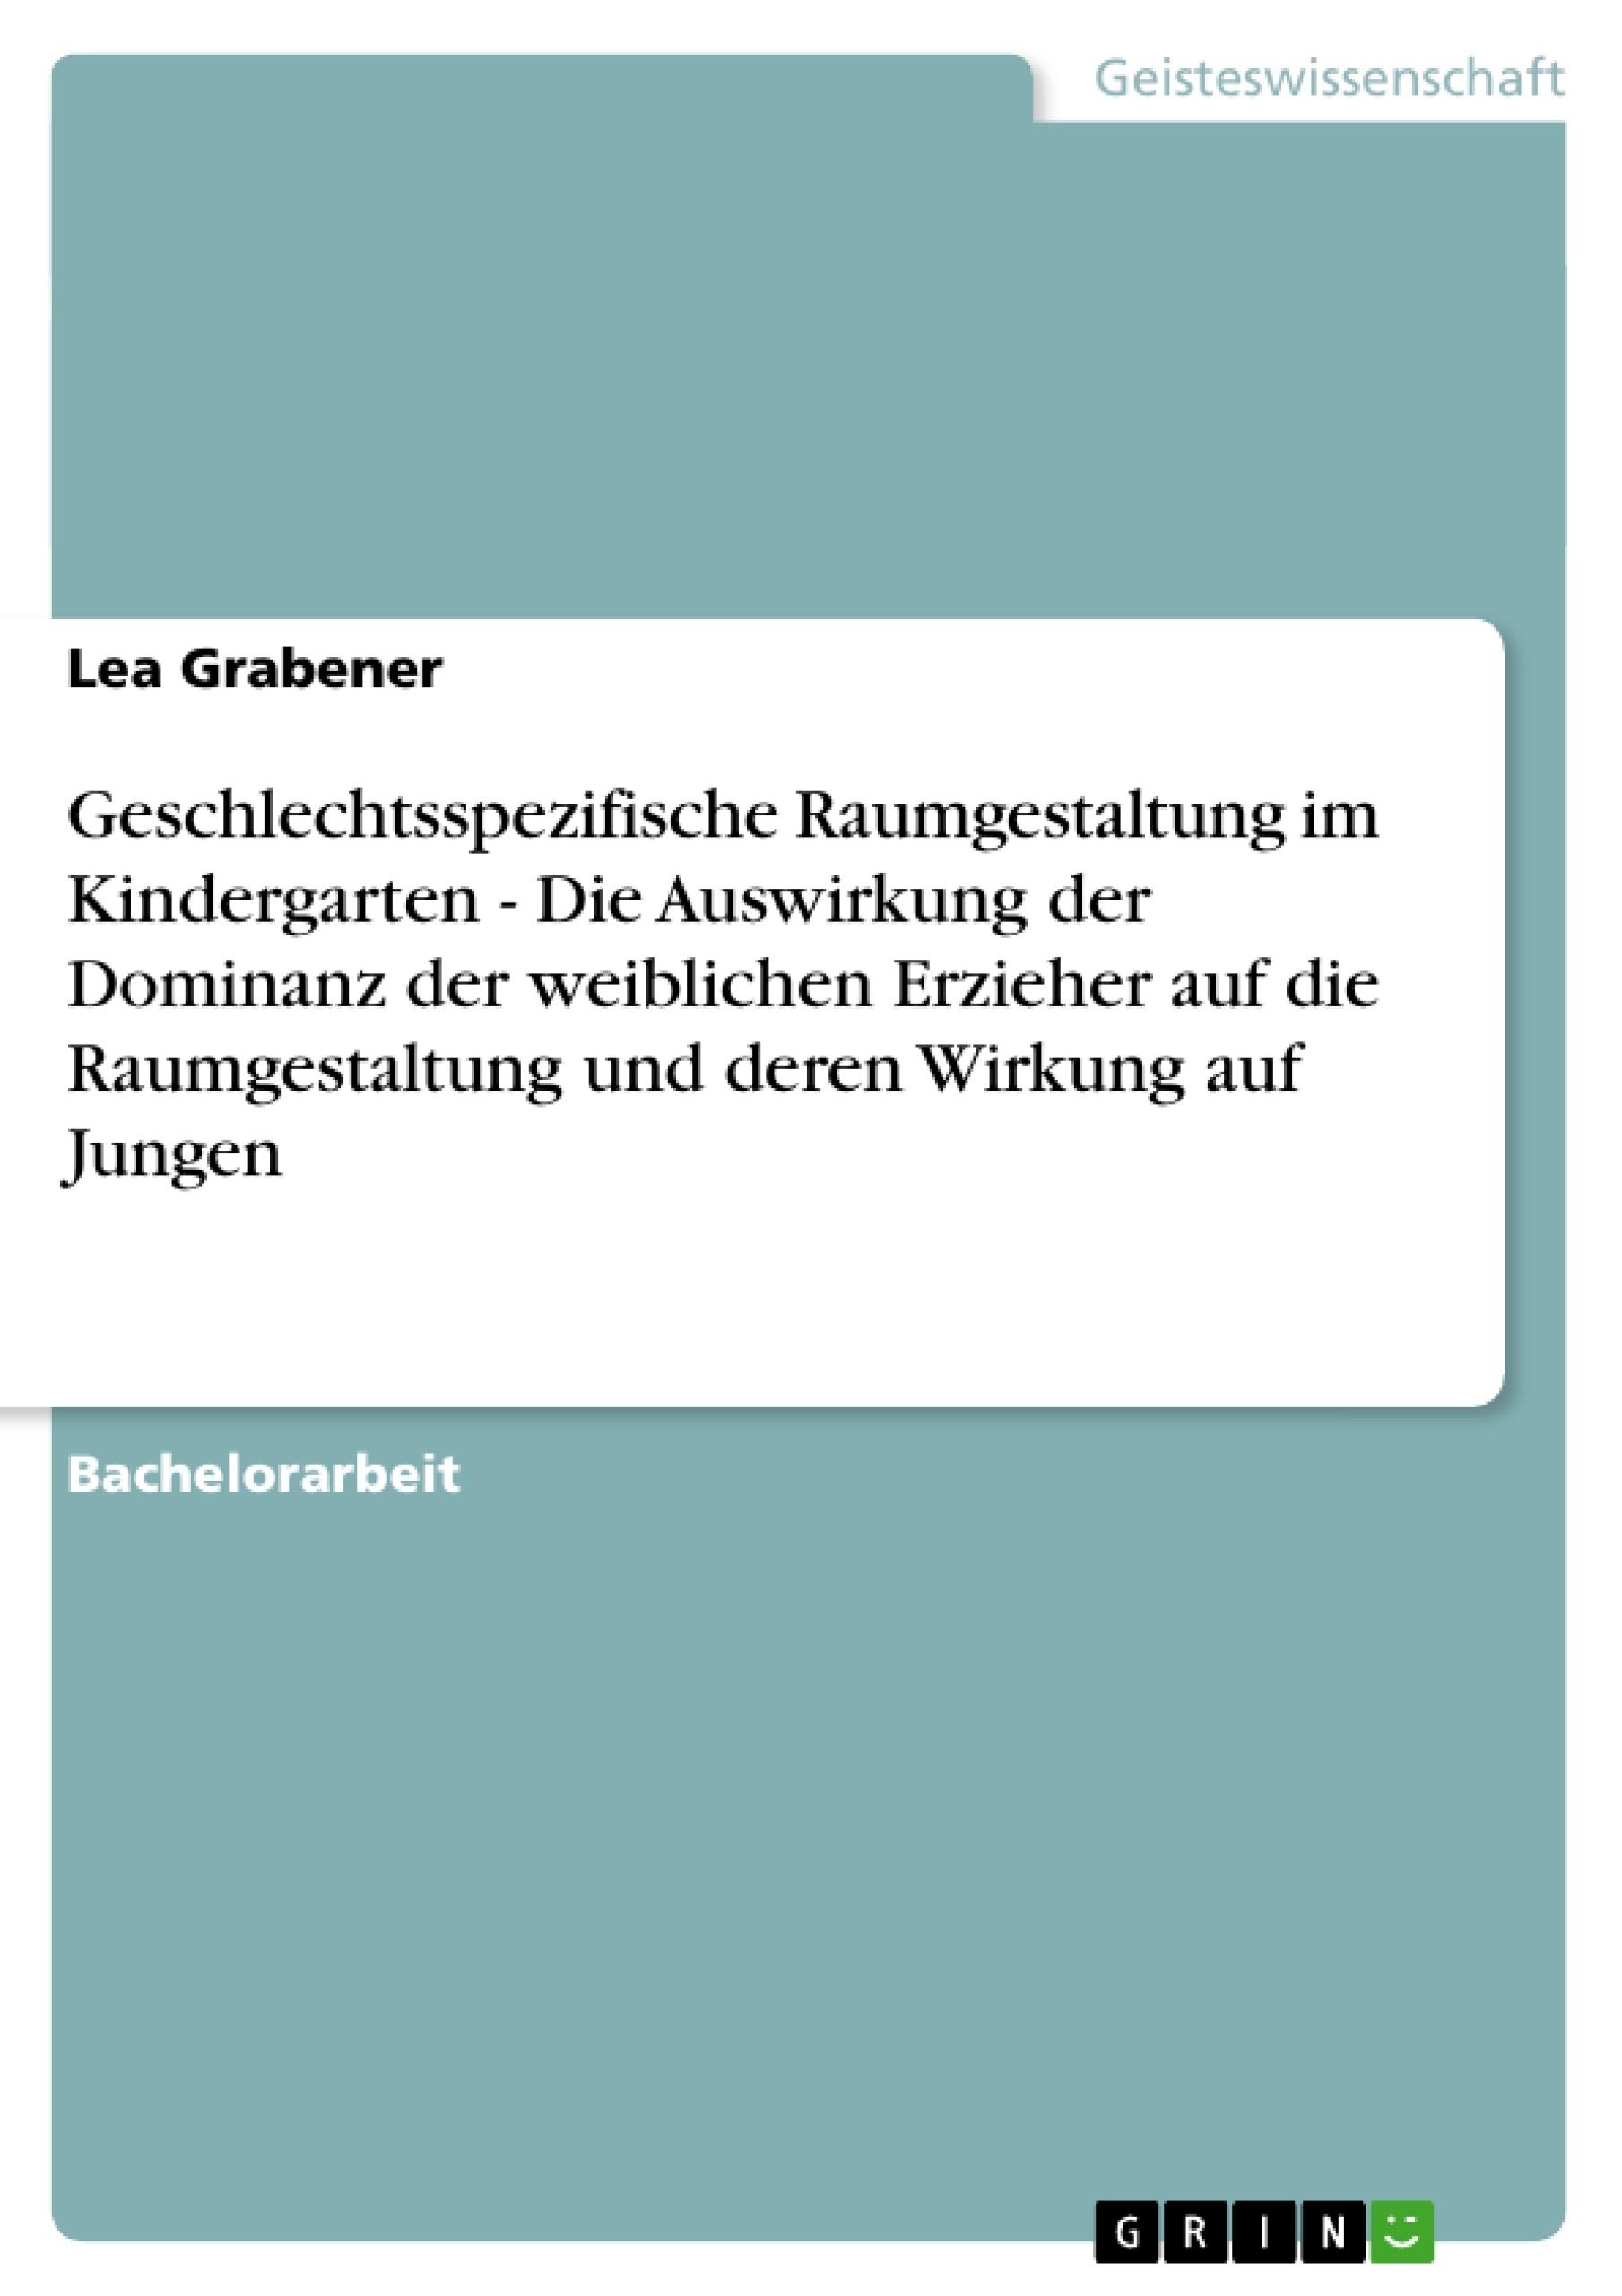 Titel: Geschlechtsspezifische Raumgestaltung im Kindergarten - Die Auswirkung der Dominanz der weiblichen Erzieher auf die Raumgestaltung und deren Wirkung auf Jungen